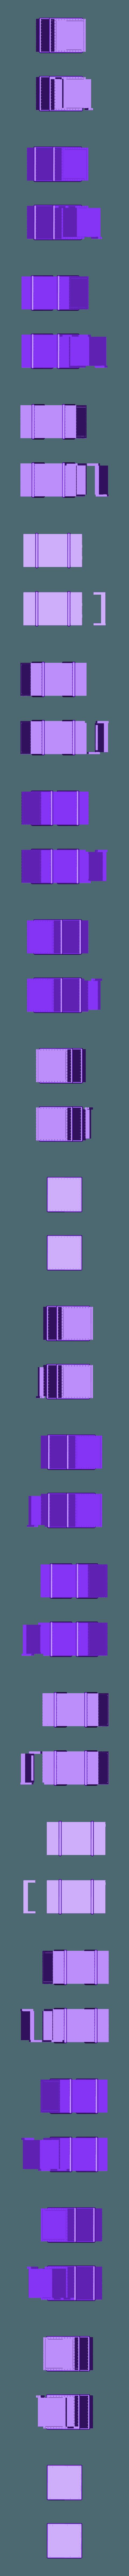 Assembly.stl Télécharger fichier STL gratuit Une simple boîte secrète • Objet imprimable en 3D, gzumwalt